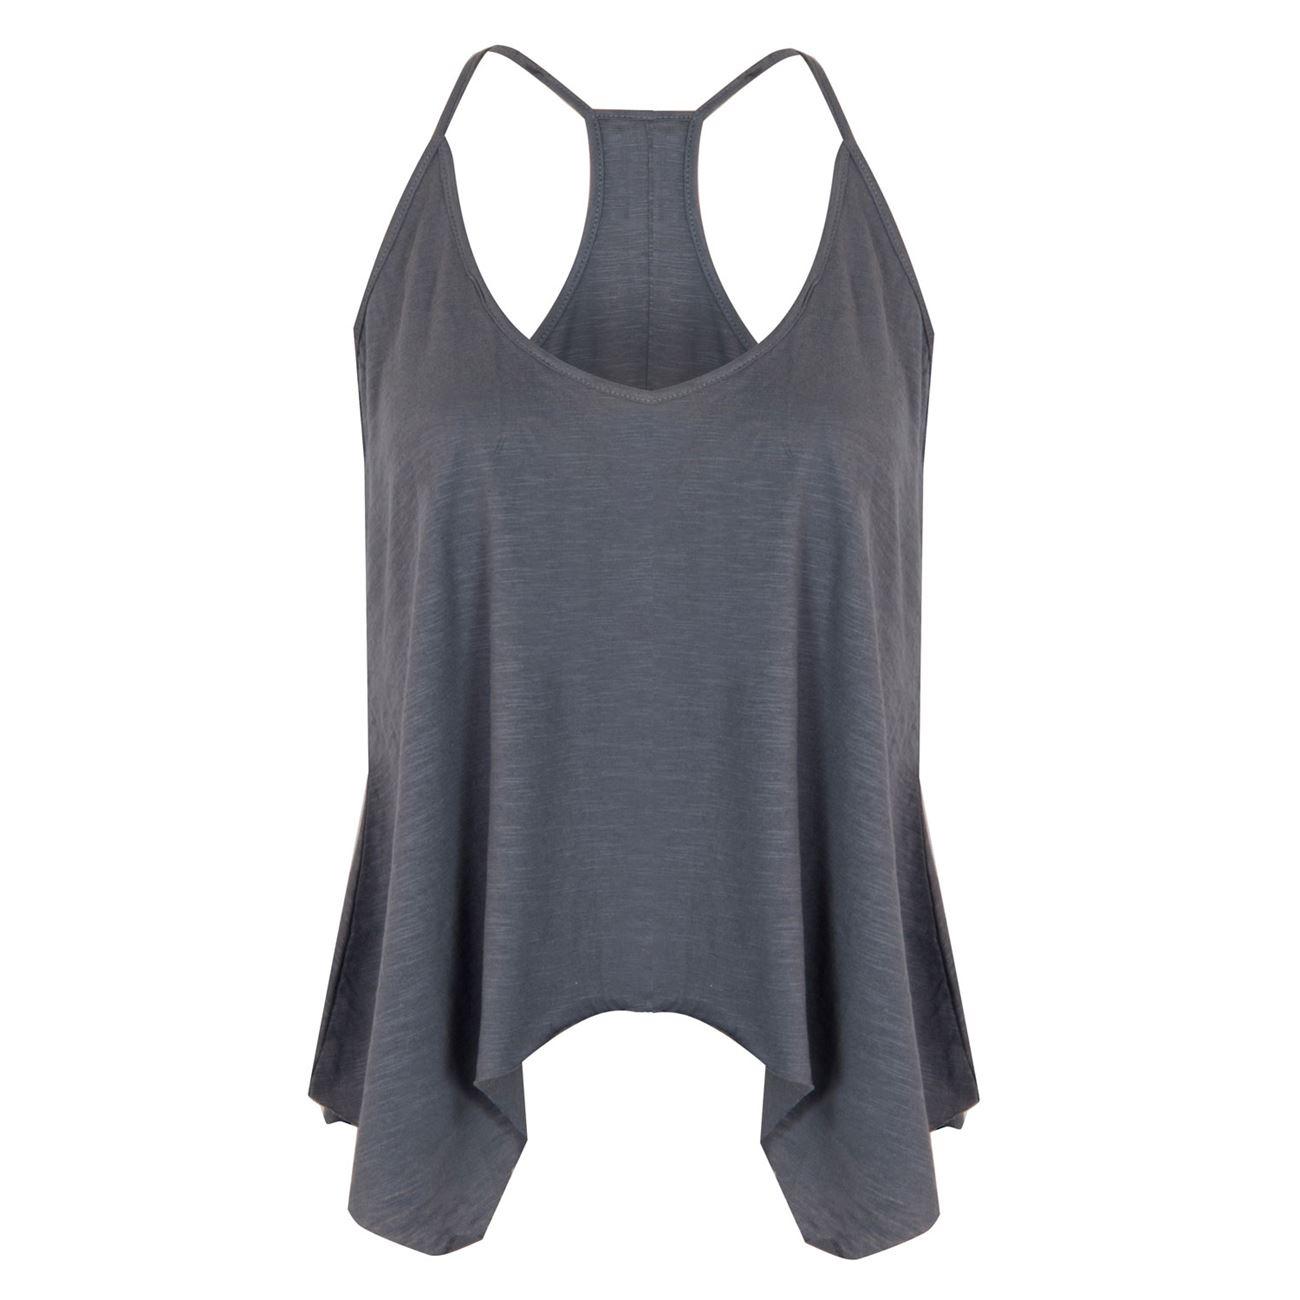 Μπλούζα Γυναικεία Αμάνικη Ανθρακί με Μύτες - One Size   Χωρίς Μανίκι ... ca7a2546546